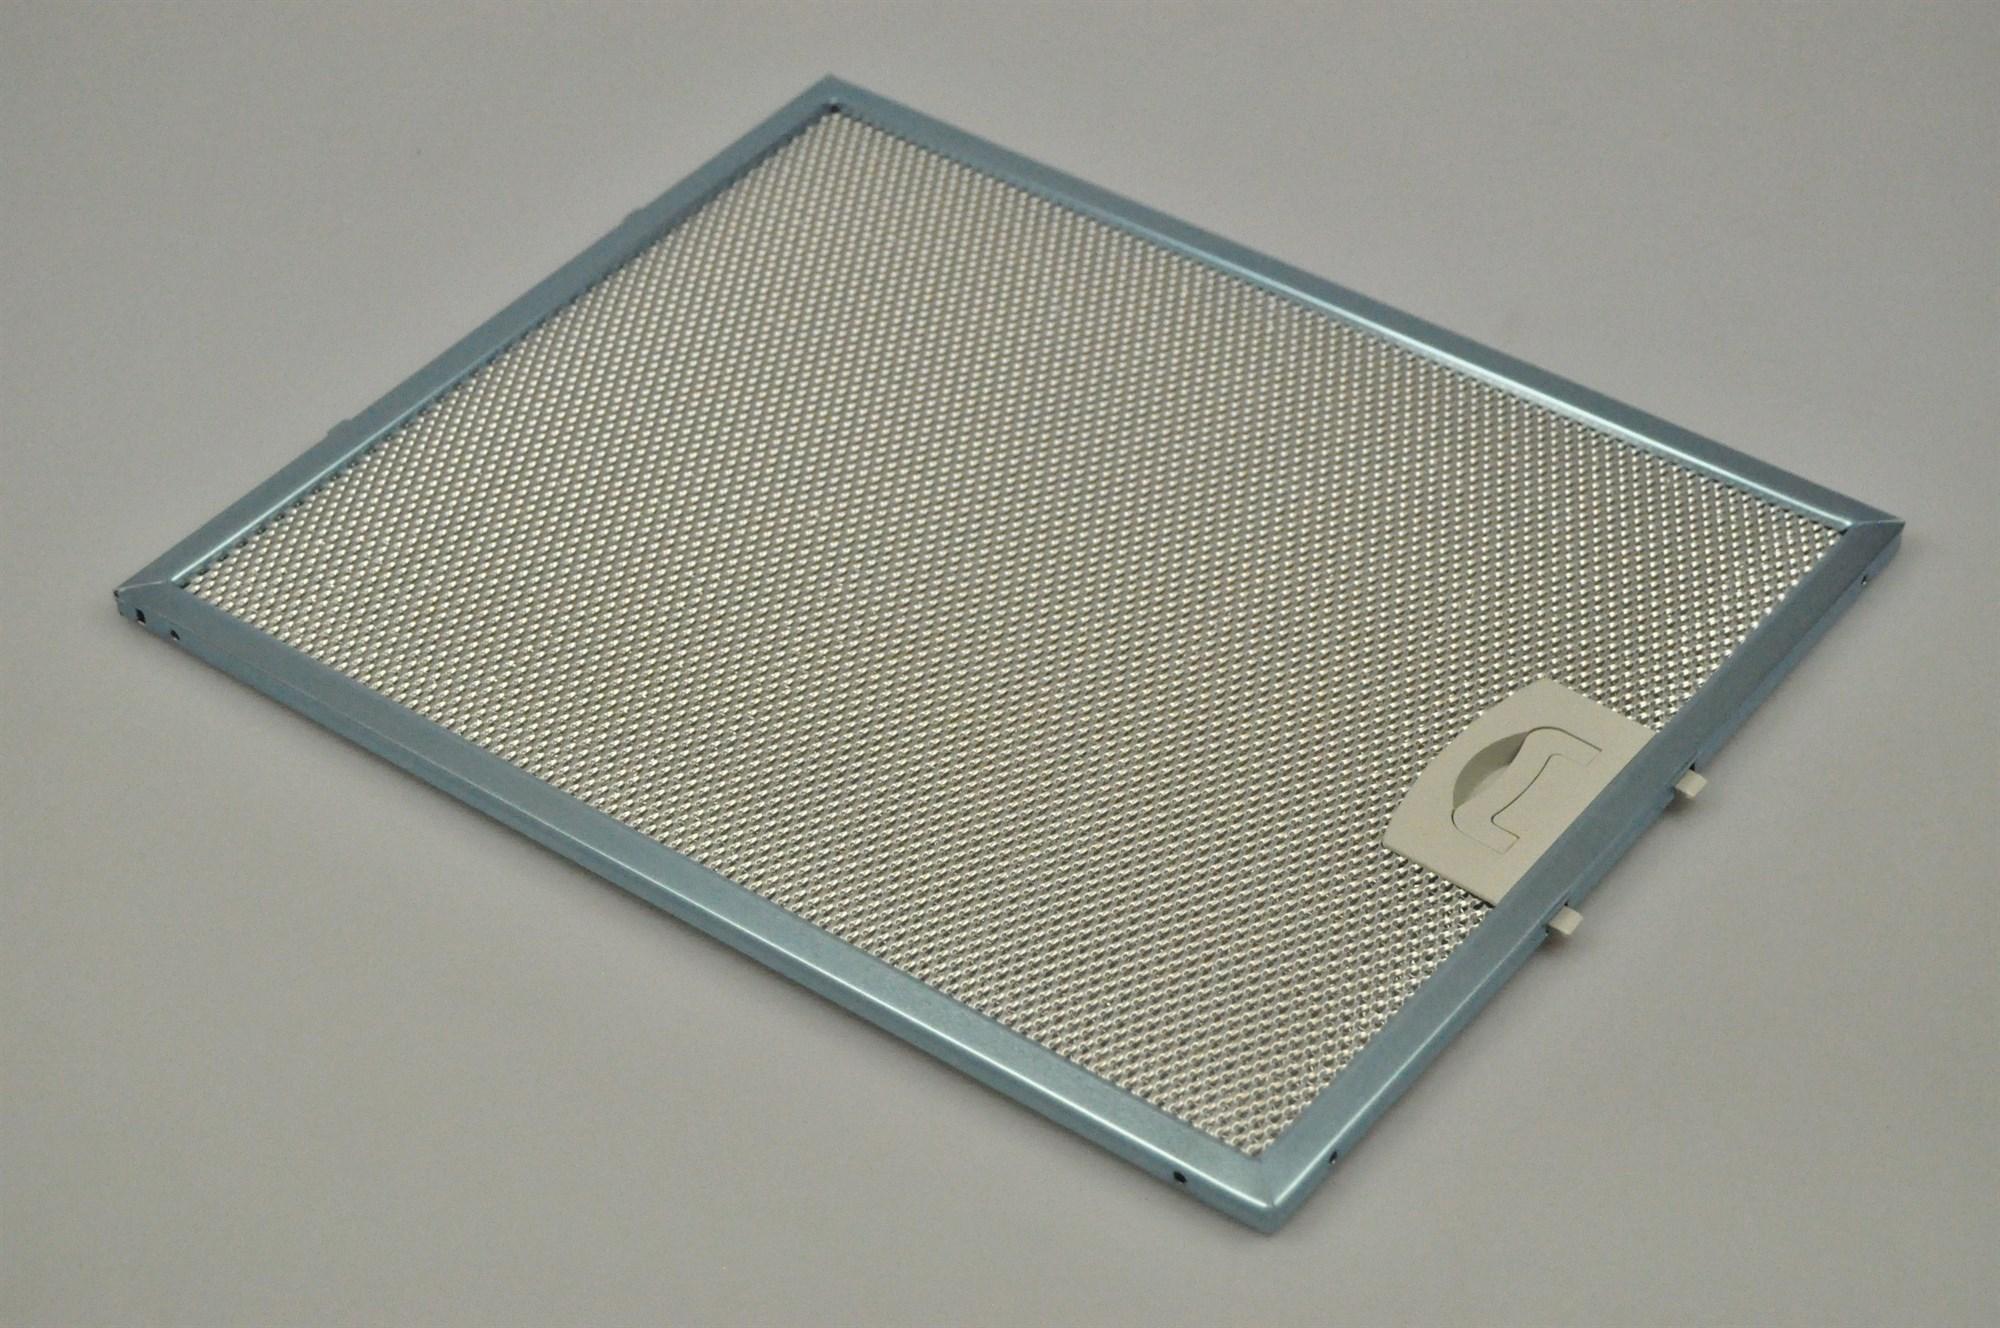 filtre graisse m tallique gorenje hotte 7 mm x 257 mm. Black Bedroom Furniture Sets. Home Design Ideas